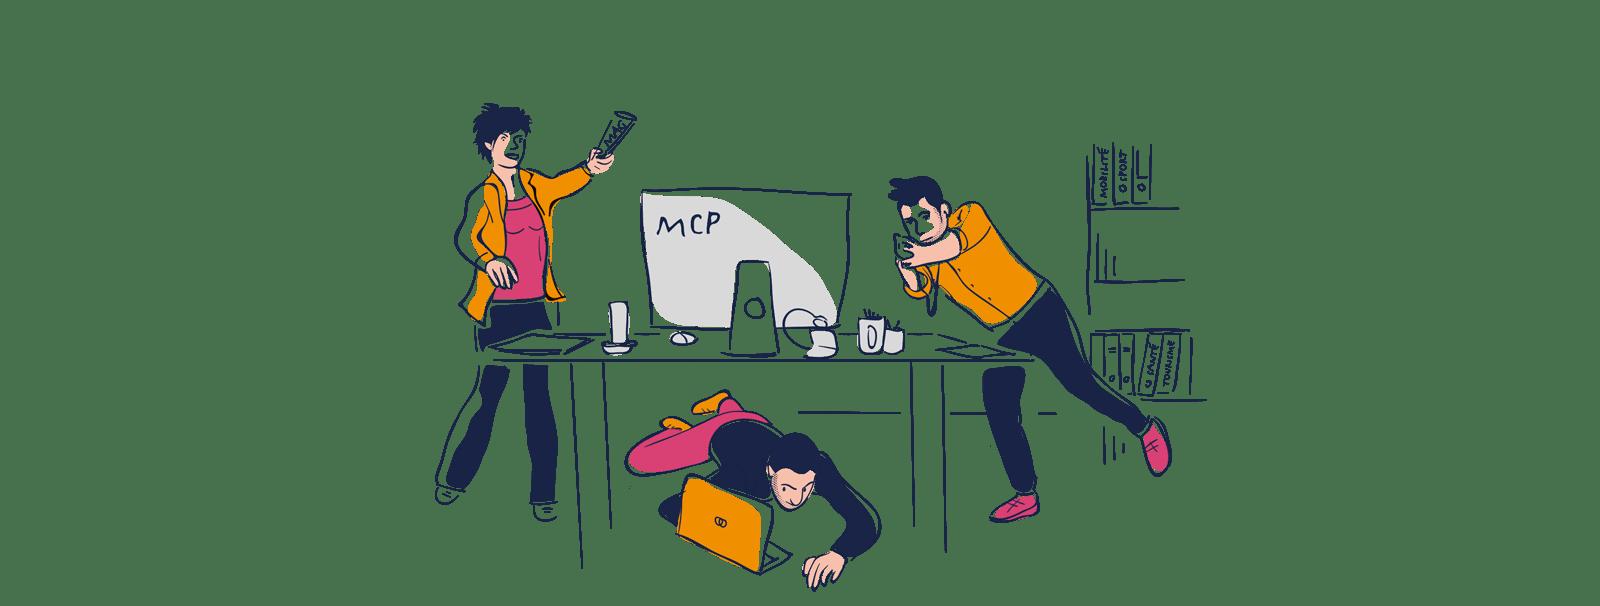 mcp-illus-relations-presse-slideshow-VOK4